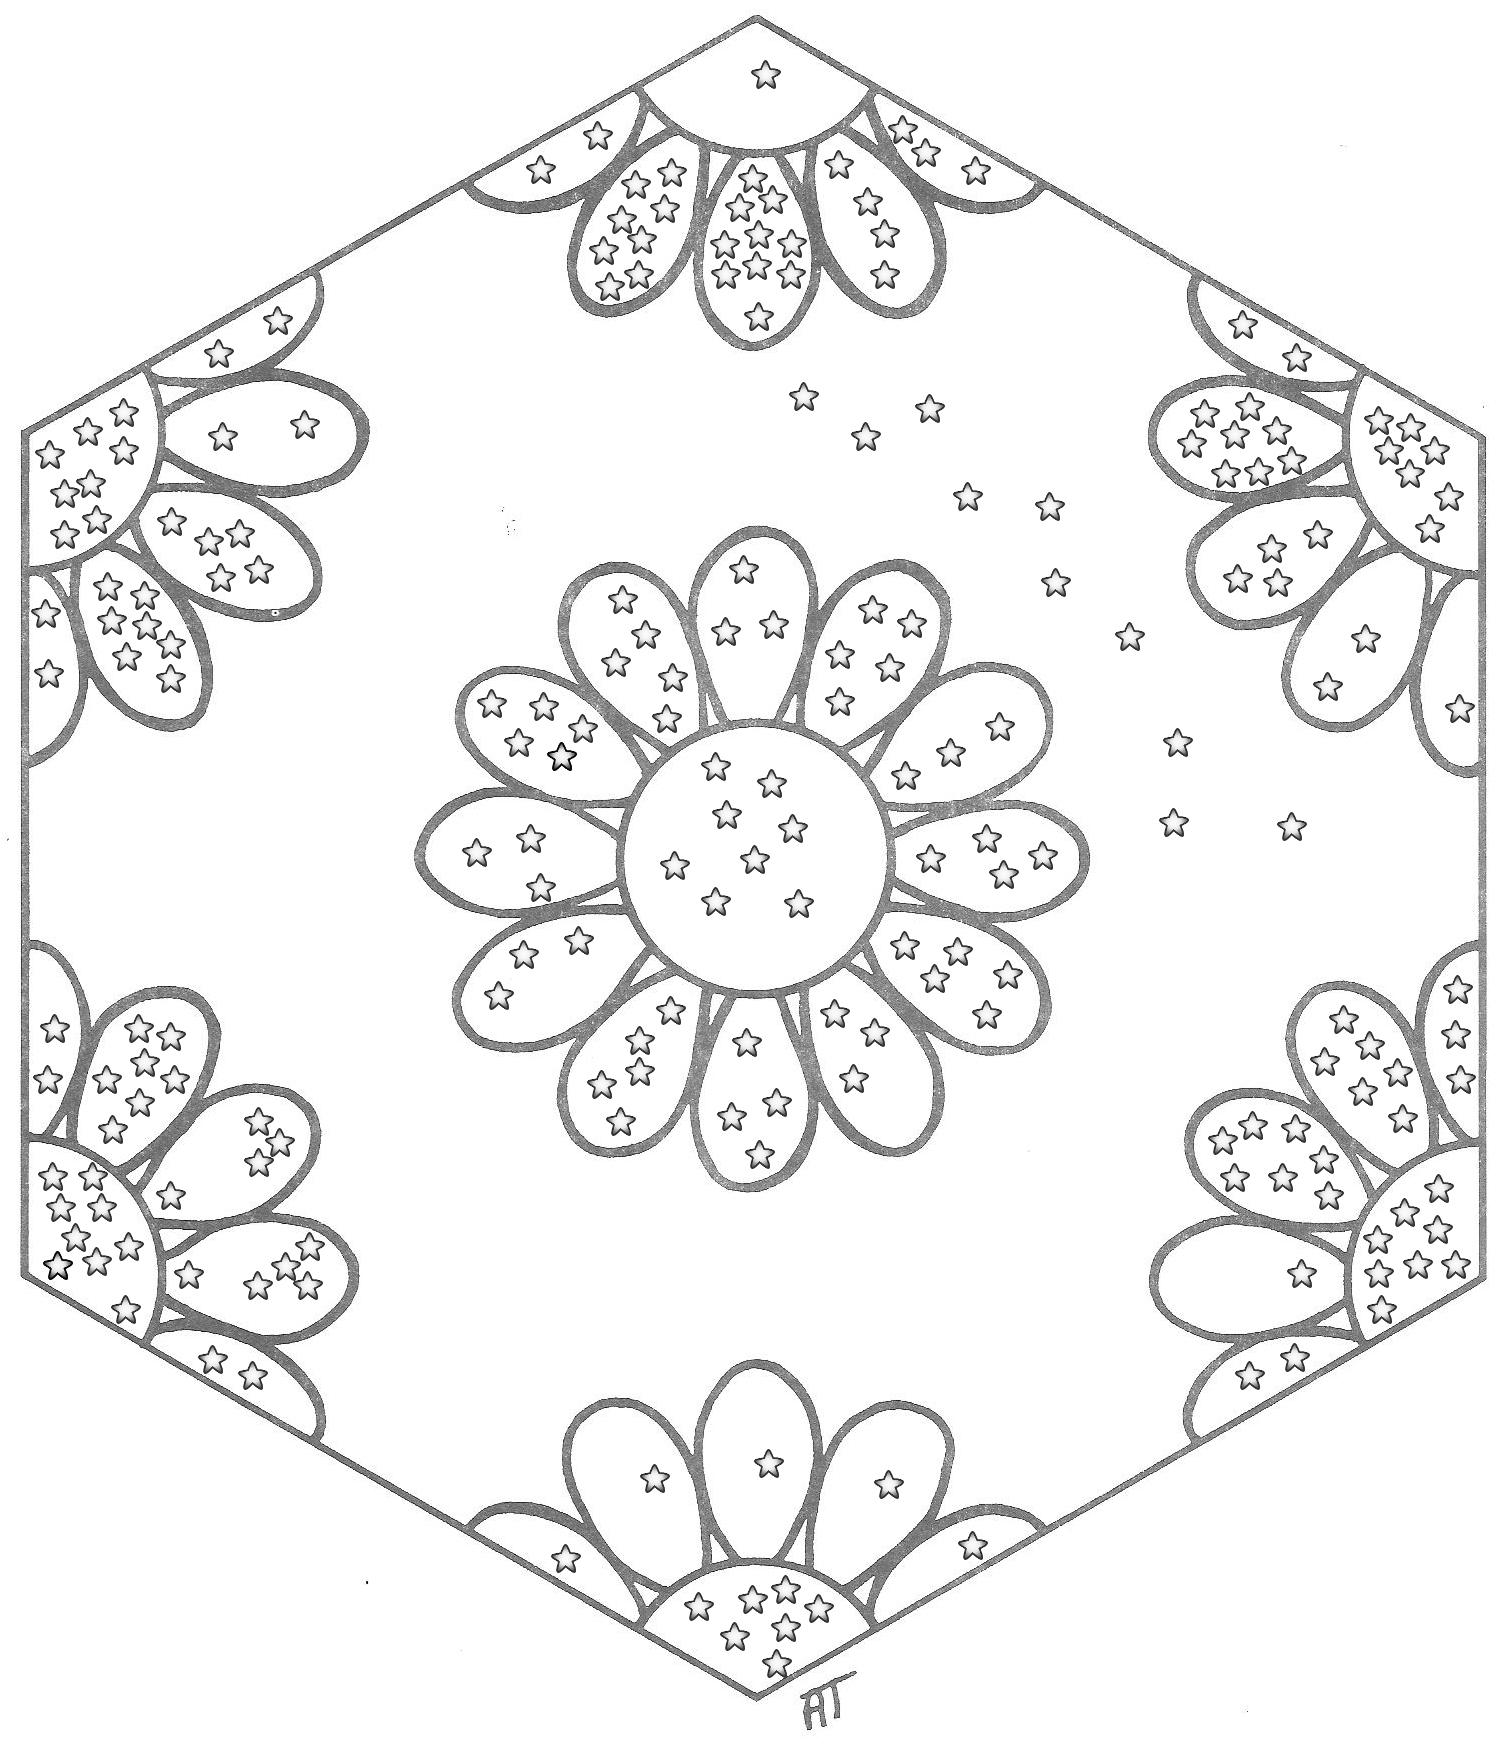 Coloriage Magique Constellation Du Dé tout Coloriage Magique Gs Cp